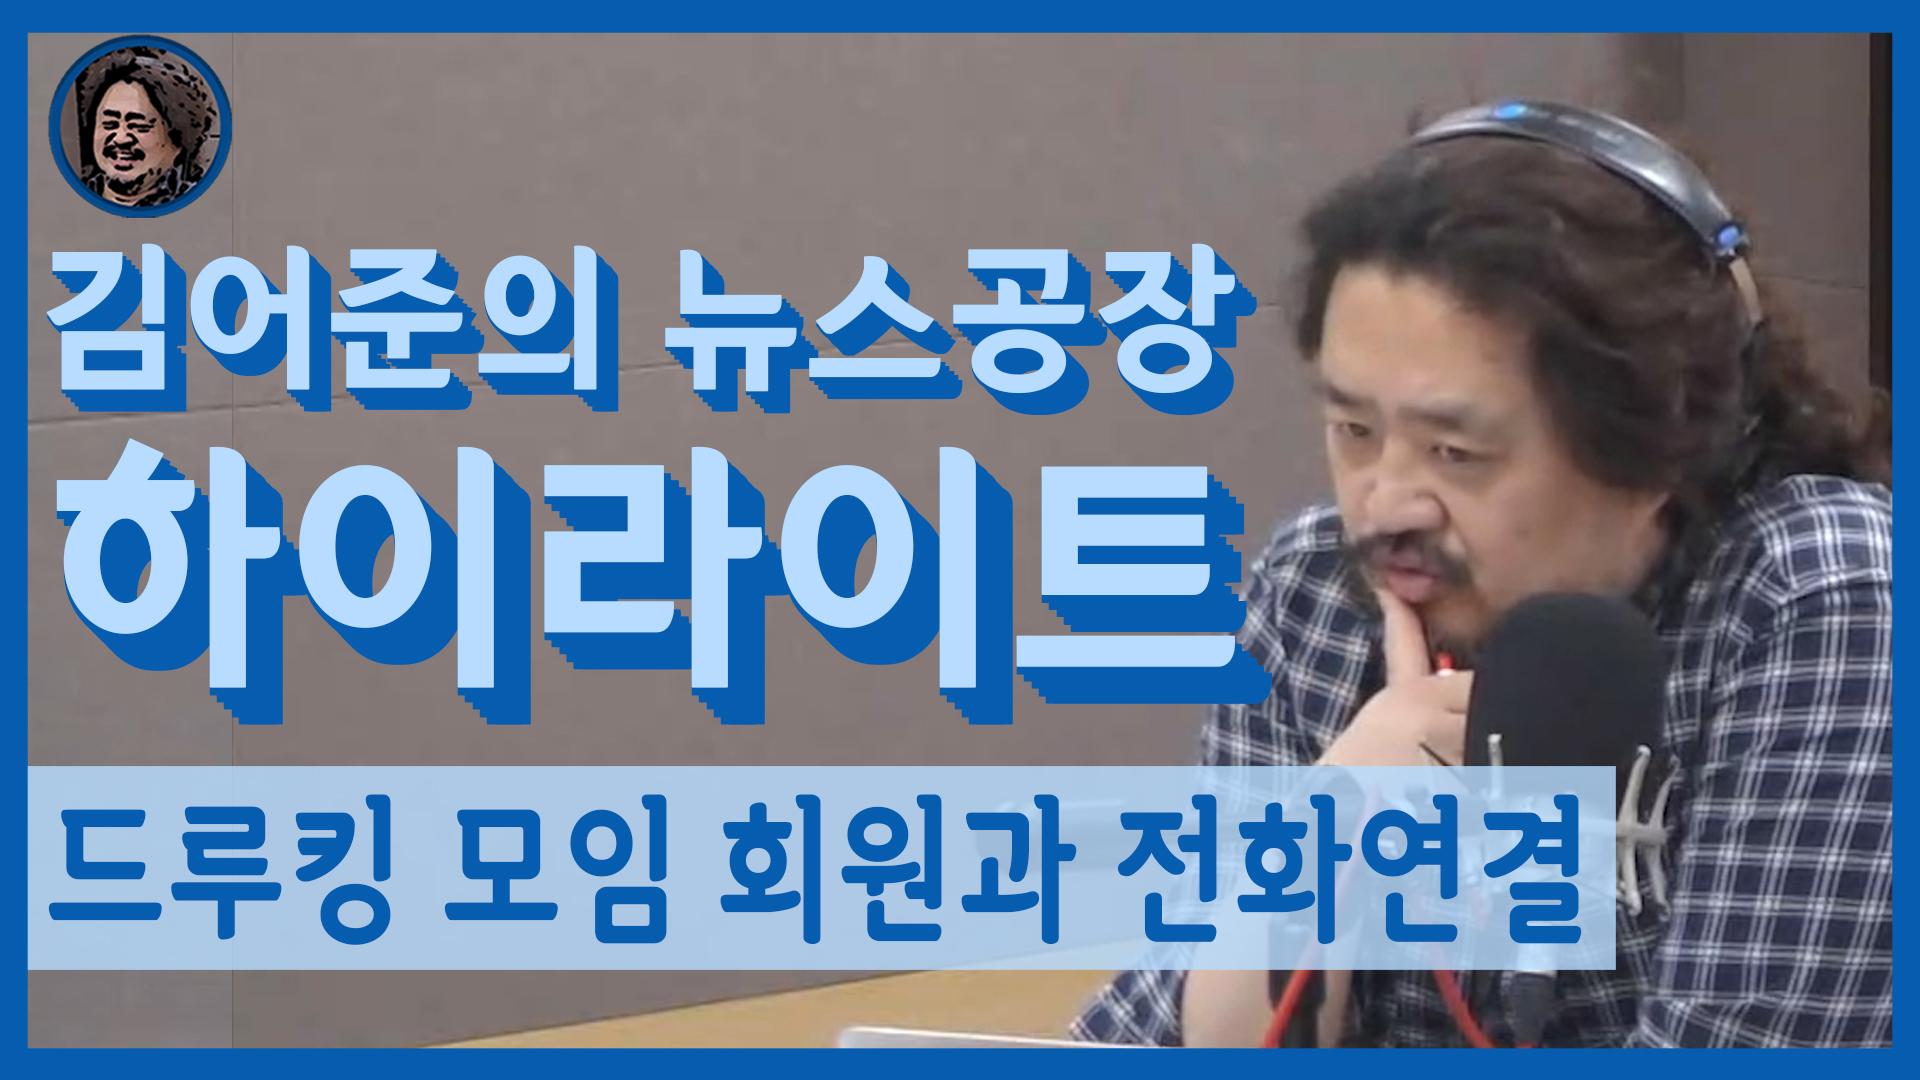 [김어준의 뉴스공장-하이라이트] 드루킹이 만든 모임 경공모 회원과 전화연결